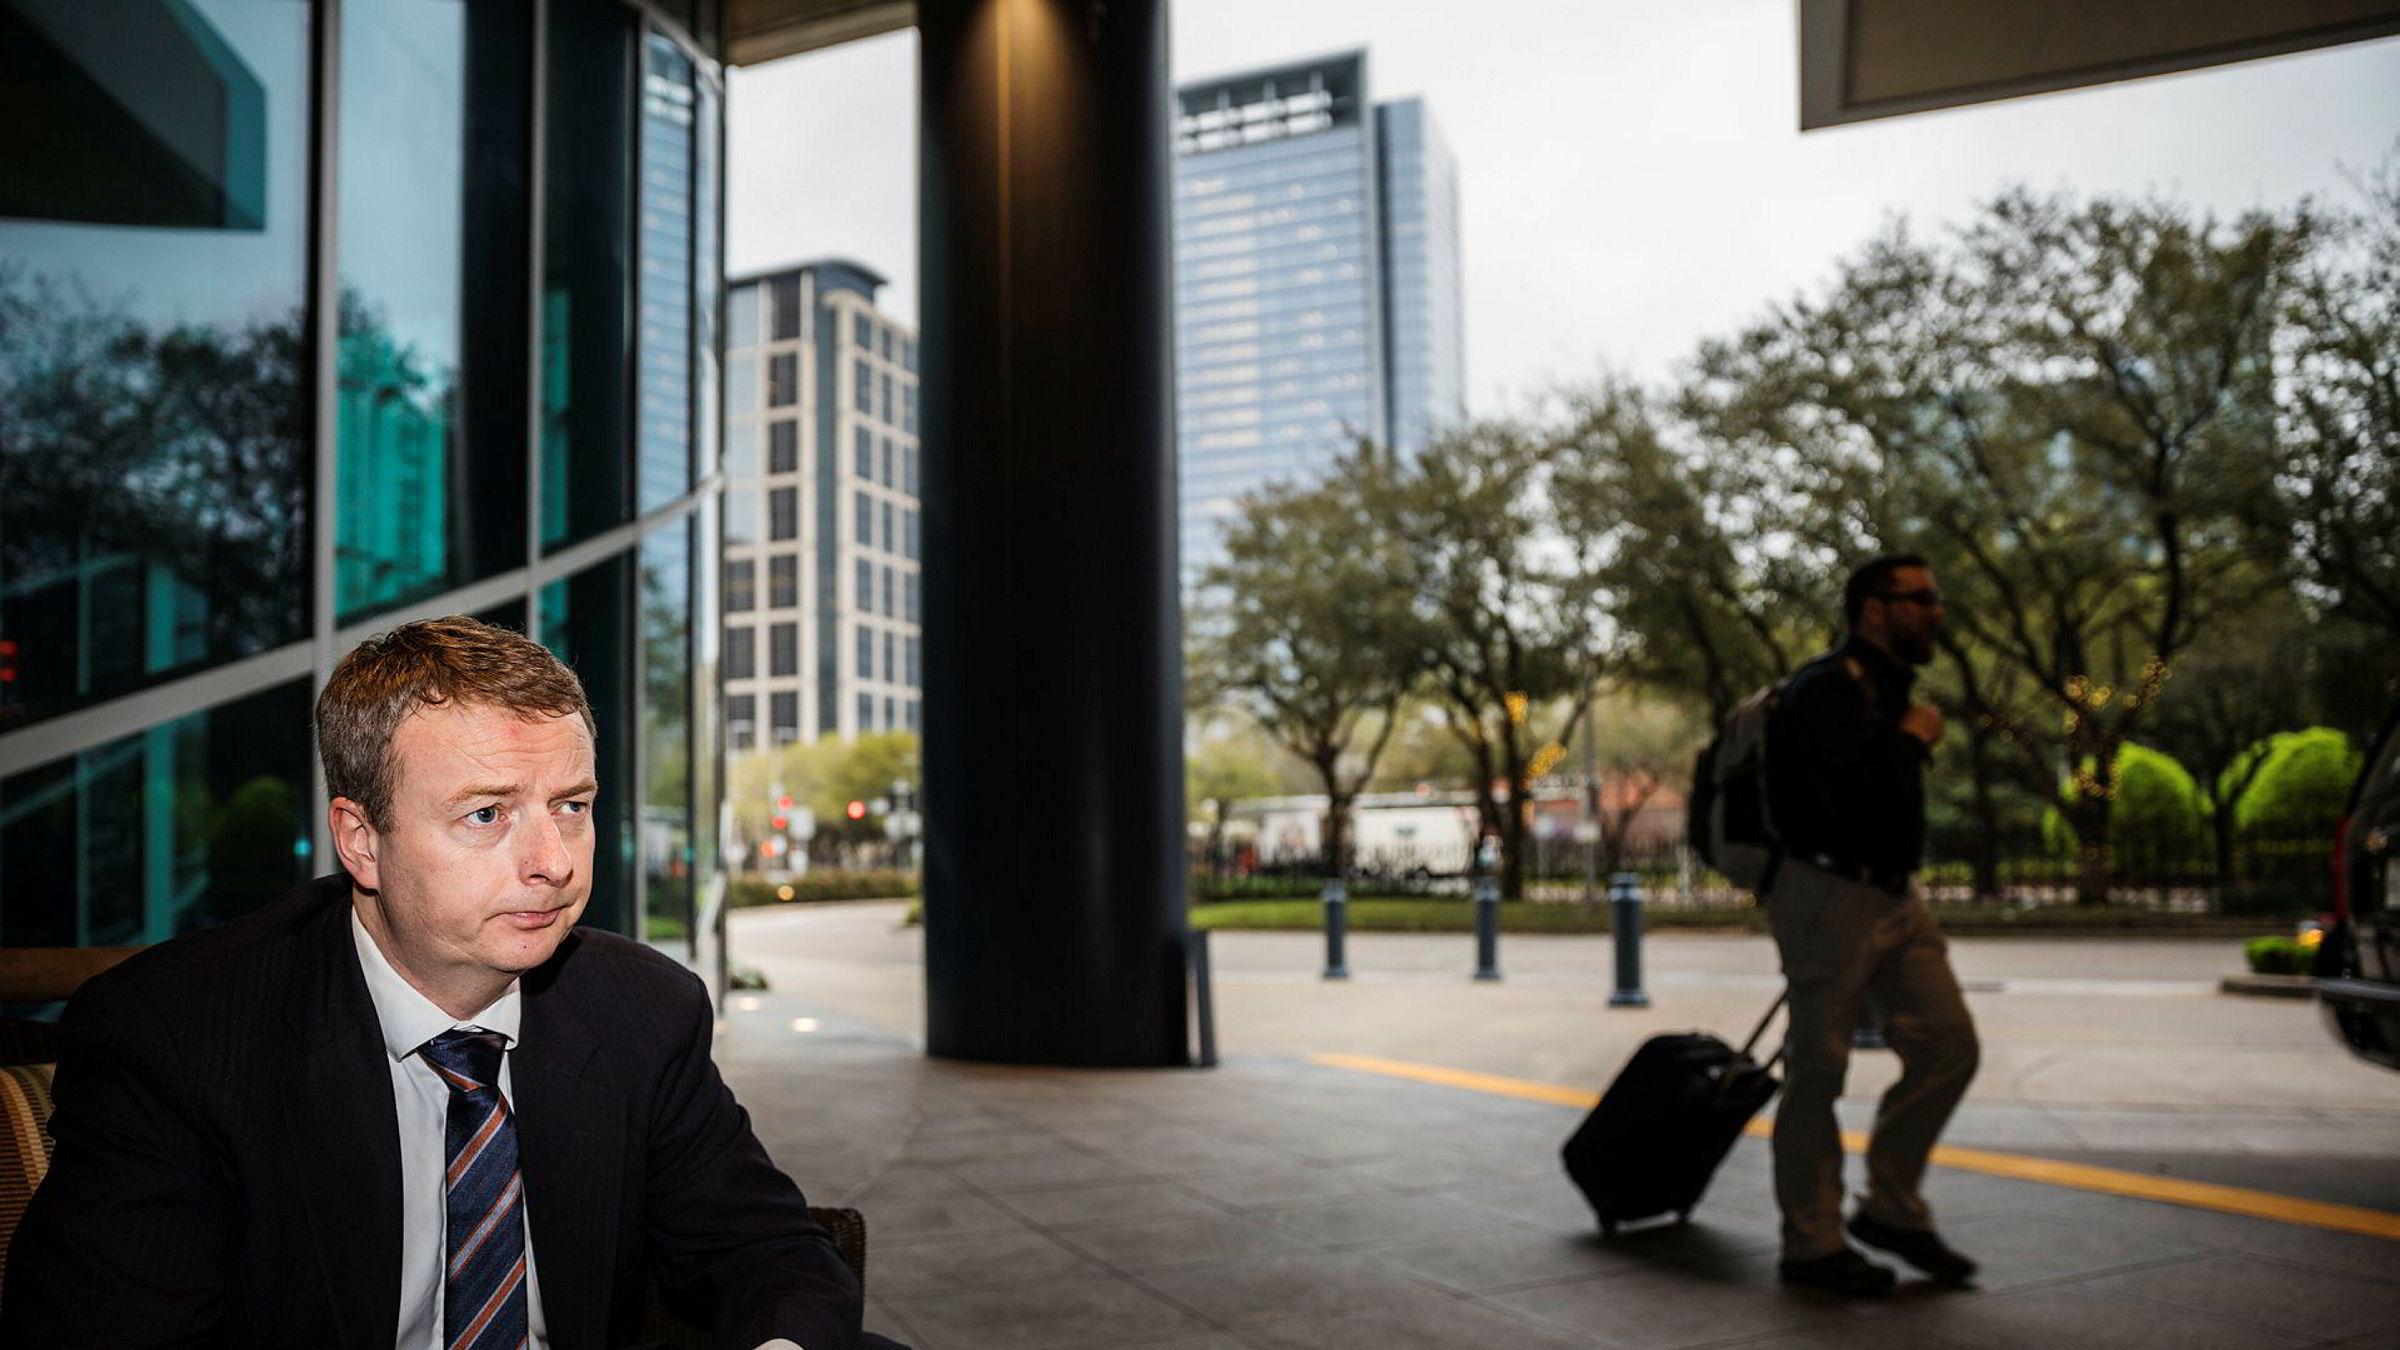 – Jeg har stått i noen stormer etter 30 år som politiker, men jeg har knapt opplevd lignende, sier Søviknes, her fotografert i Houston i USA.